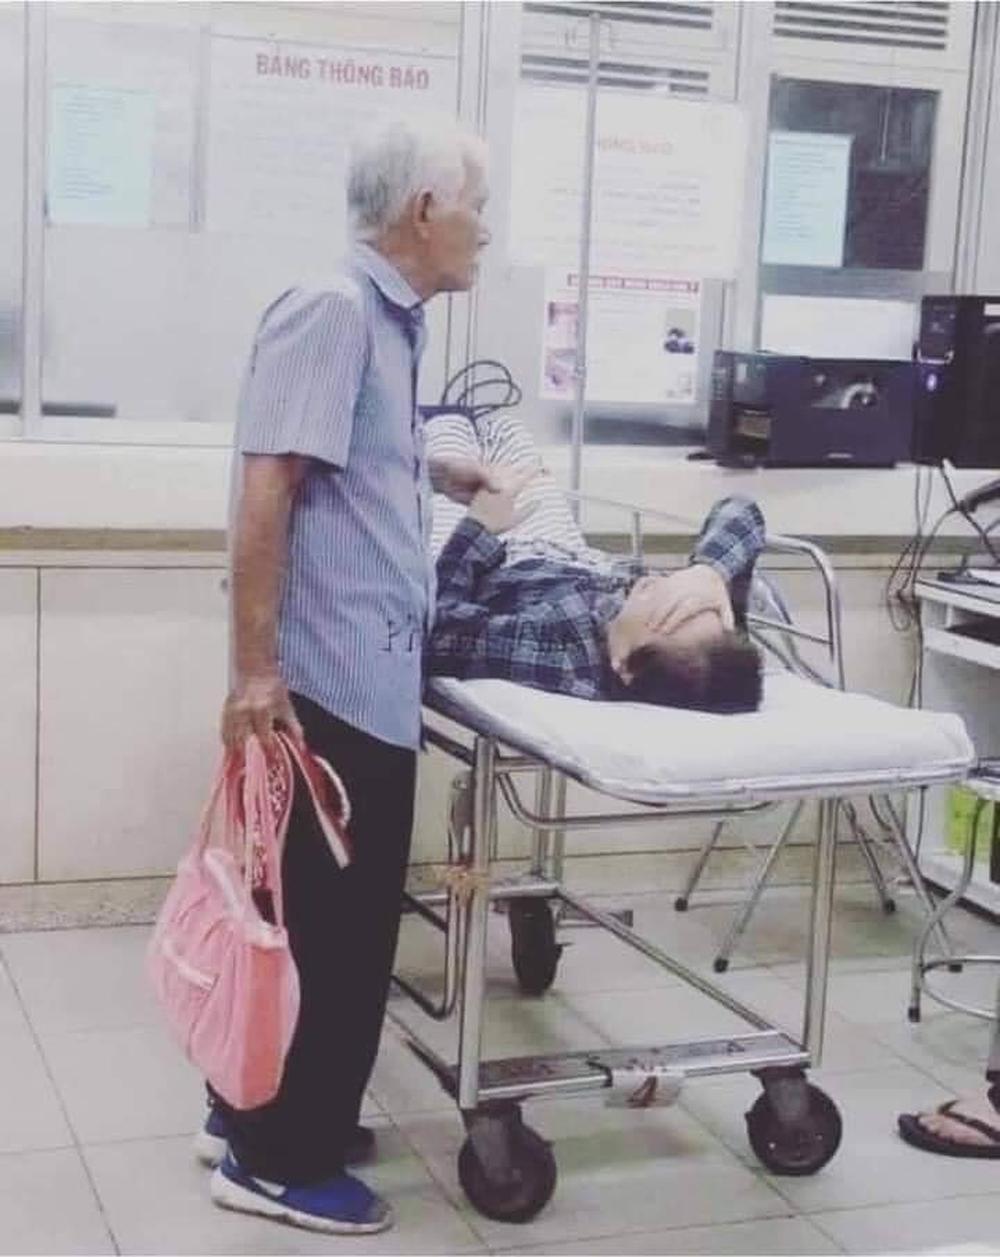 Đôi vợ chồng già nắm chặt tay trong phòng cấp cứu, cụ ông nài nỉ bác sĩ: Cho tôi đứng với bà ấy thêm tí nữa nhé - Ảnh 1.